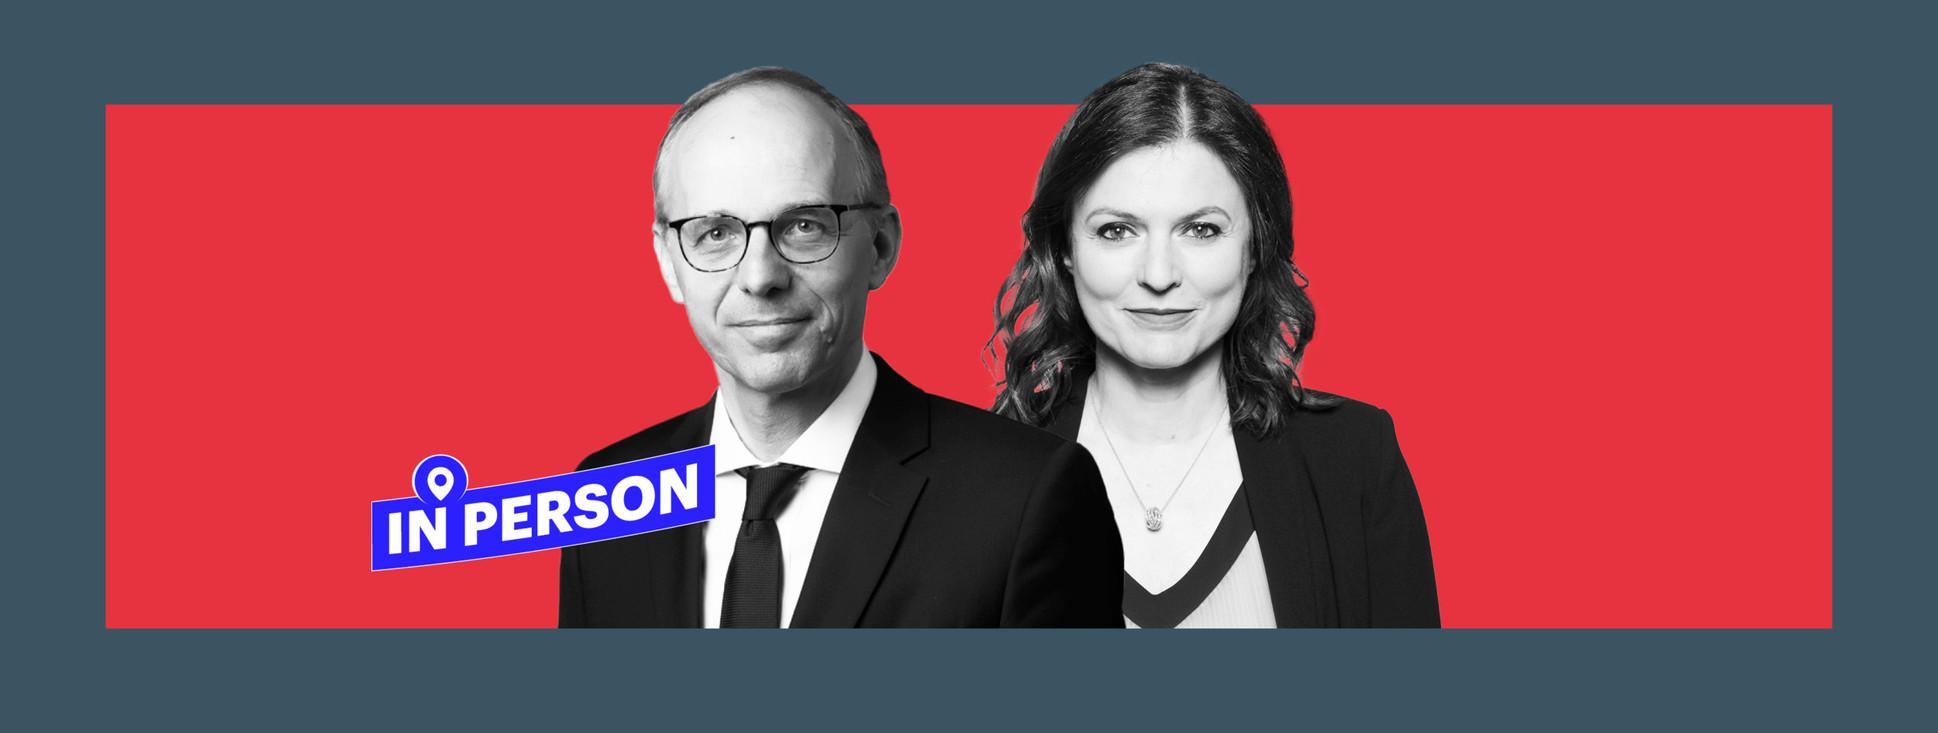 Apéro-Talk avec Luc Frieden: Le Luxembourg est-il toujours attractif?